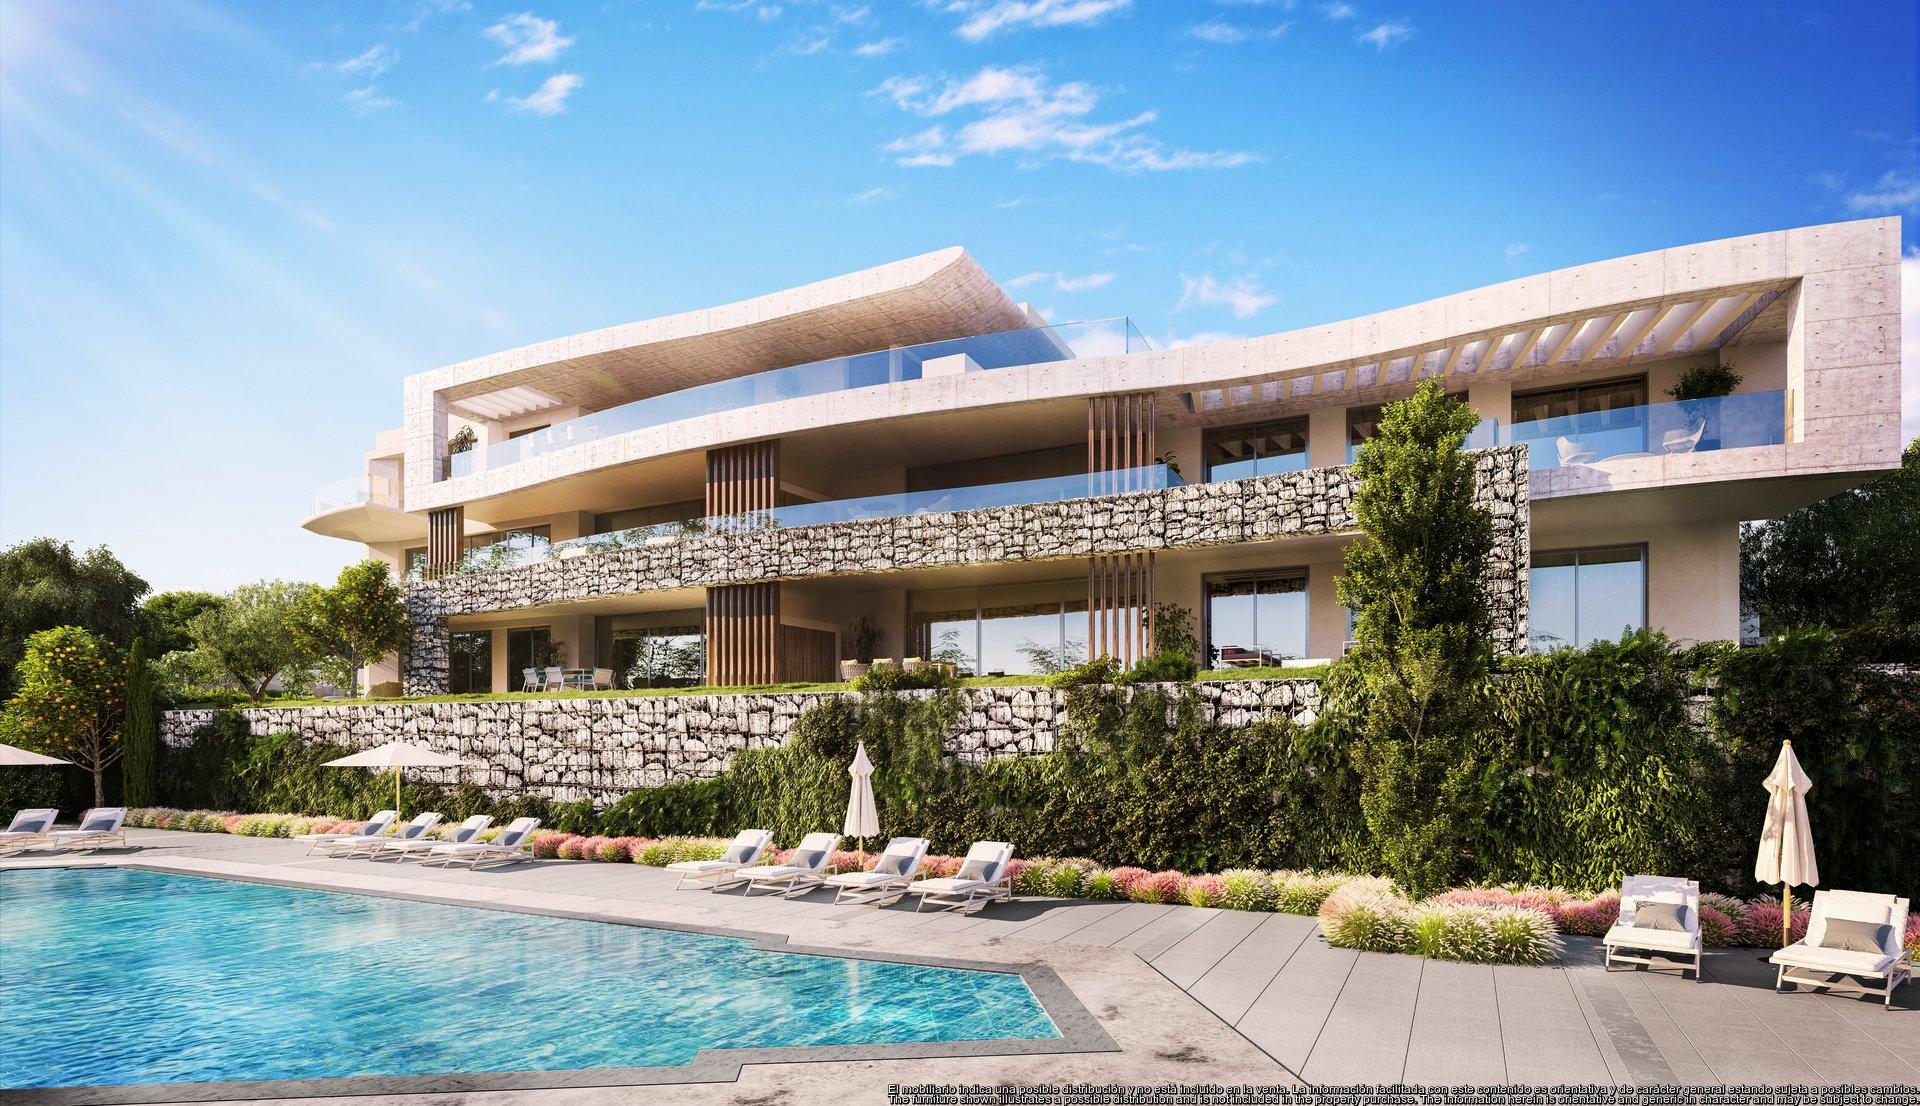 Appartements élégants et exclusifs avec 2, 3 et 4 chambres